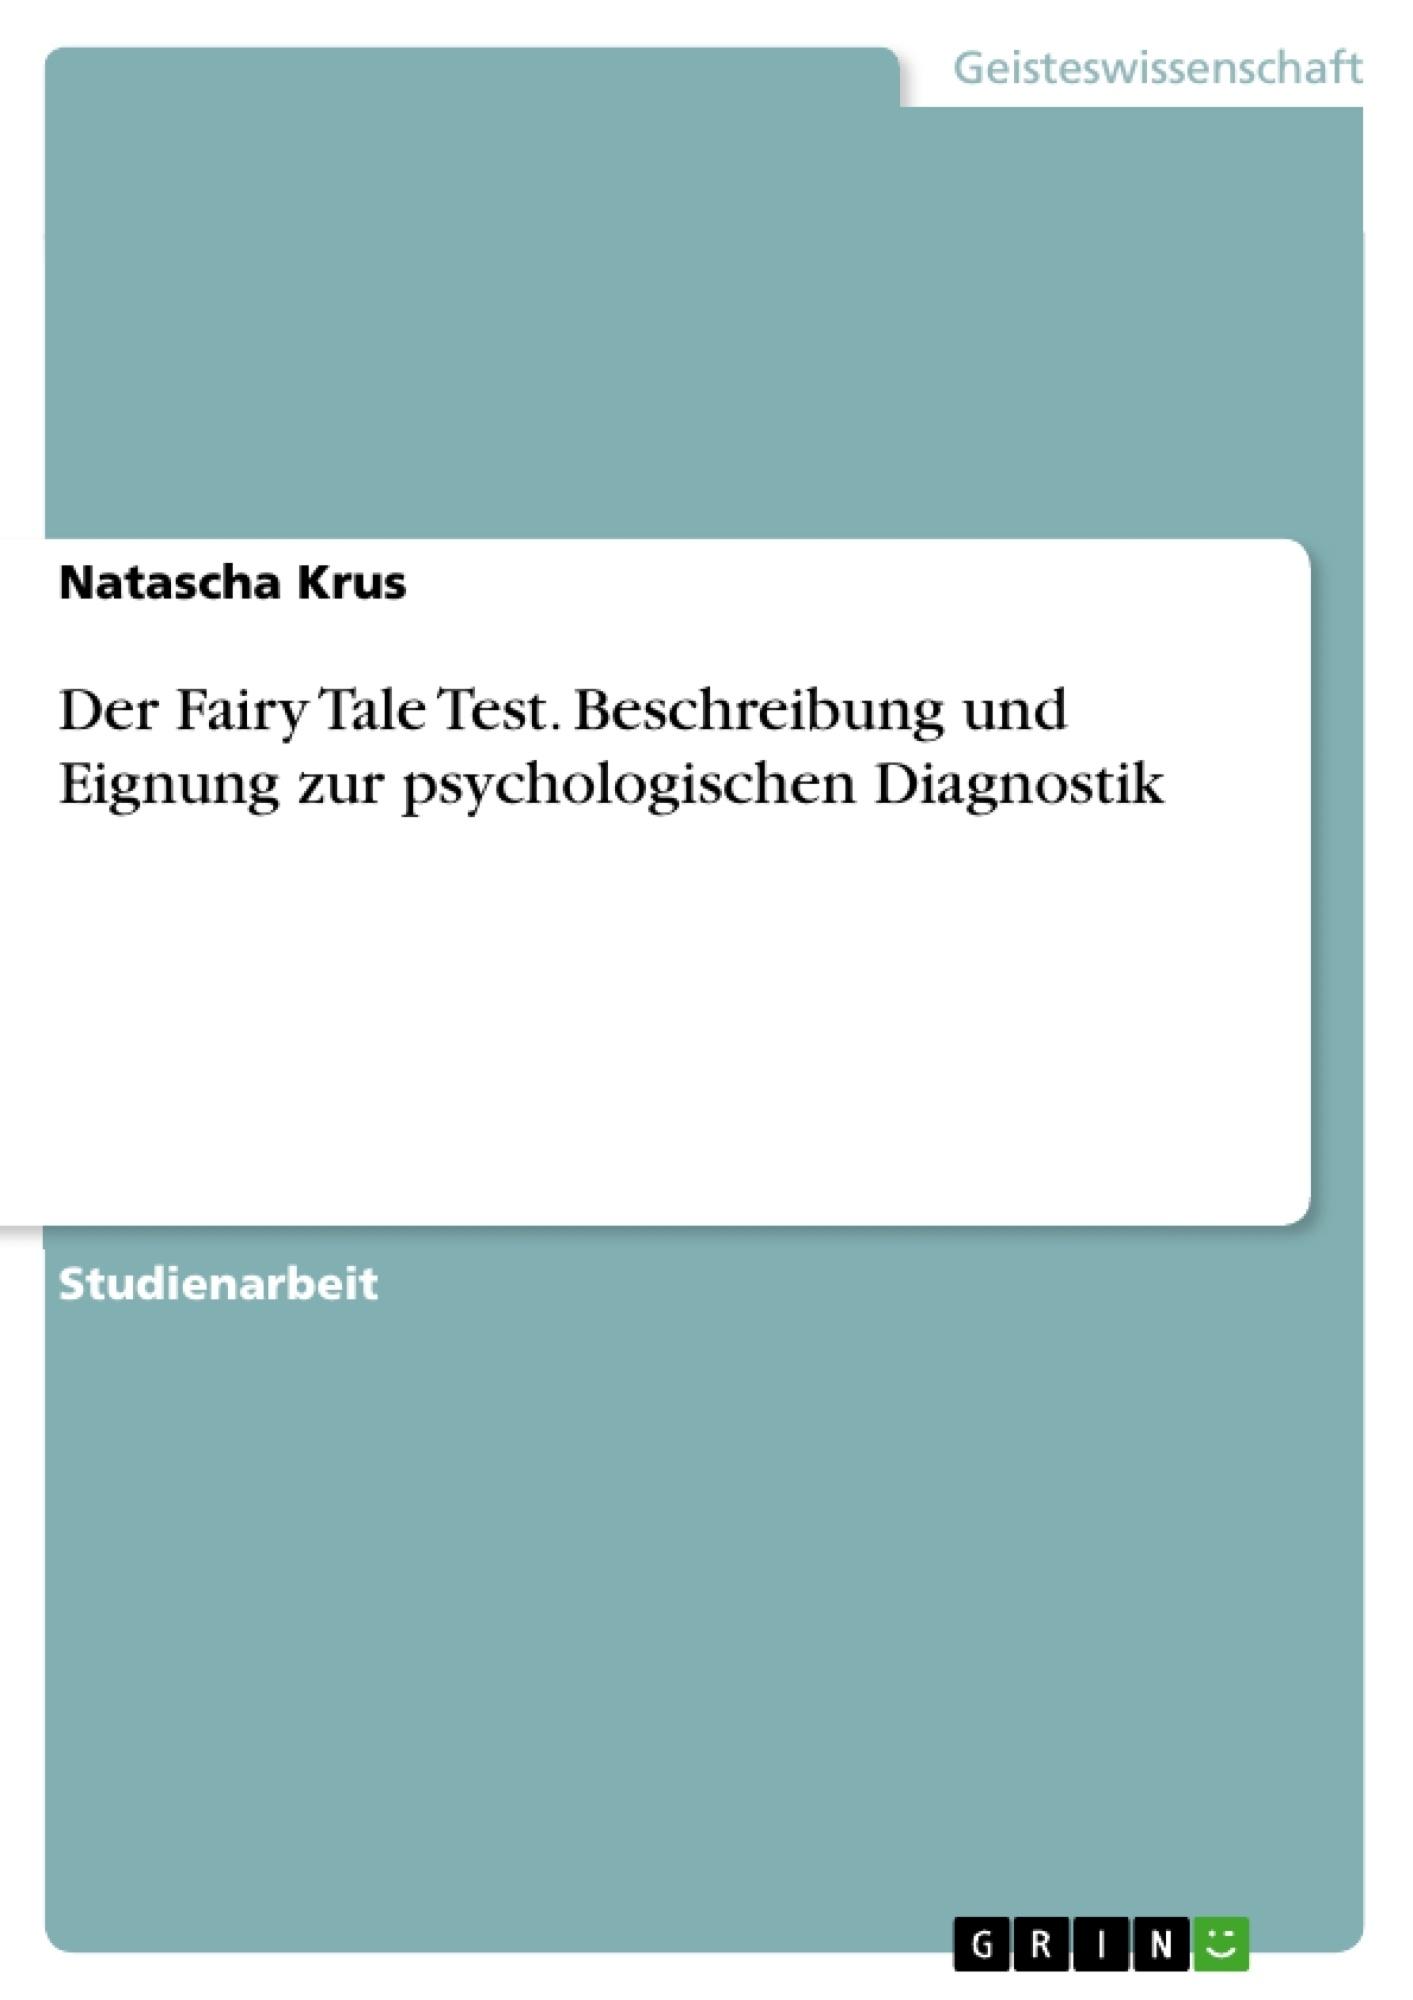 Titel: Der Fairy Tale Test. Beschreibung und Eignung zur psychologischen Diagnostik